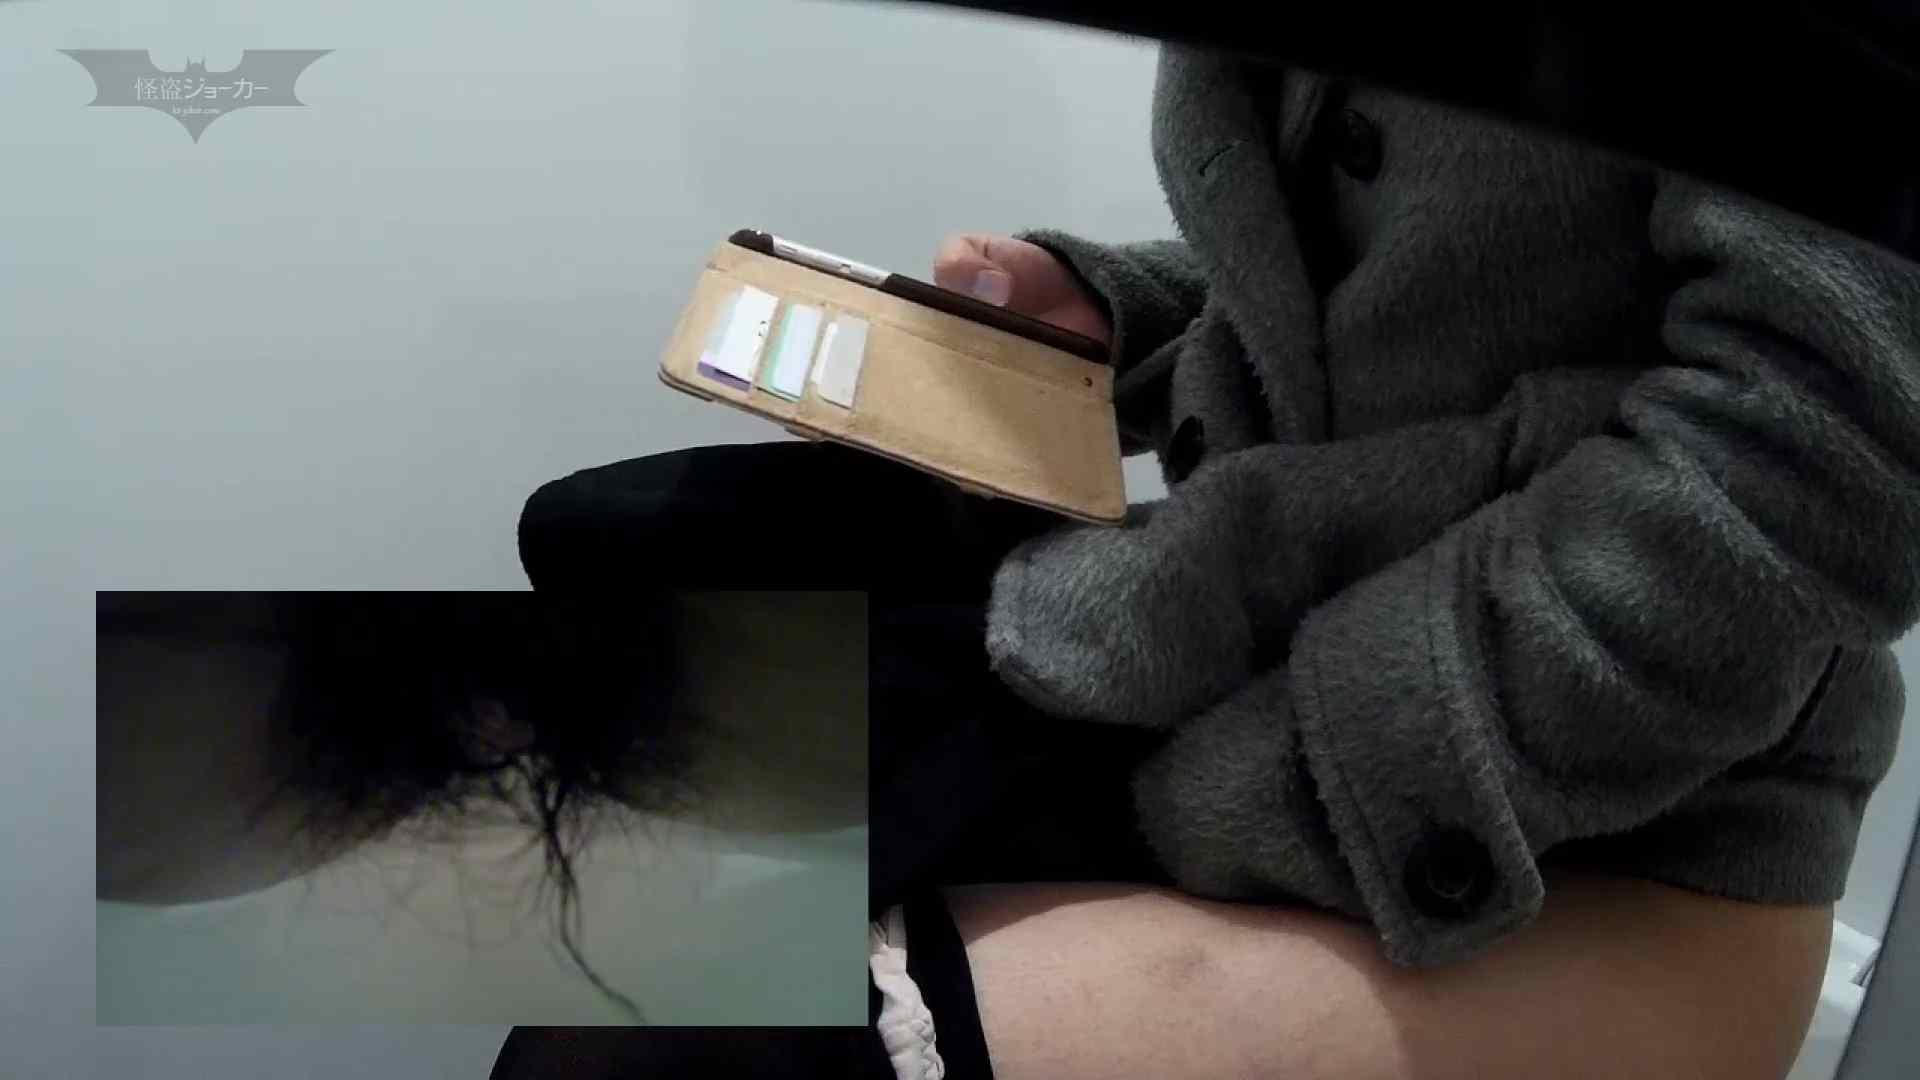 有名大学女性洗面所 vol.58 アンダーヘアーも冬支度? 排泄  91pic 66